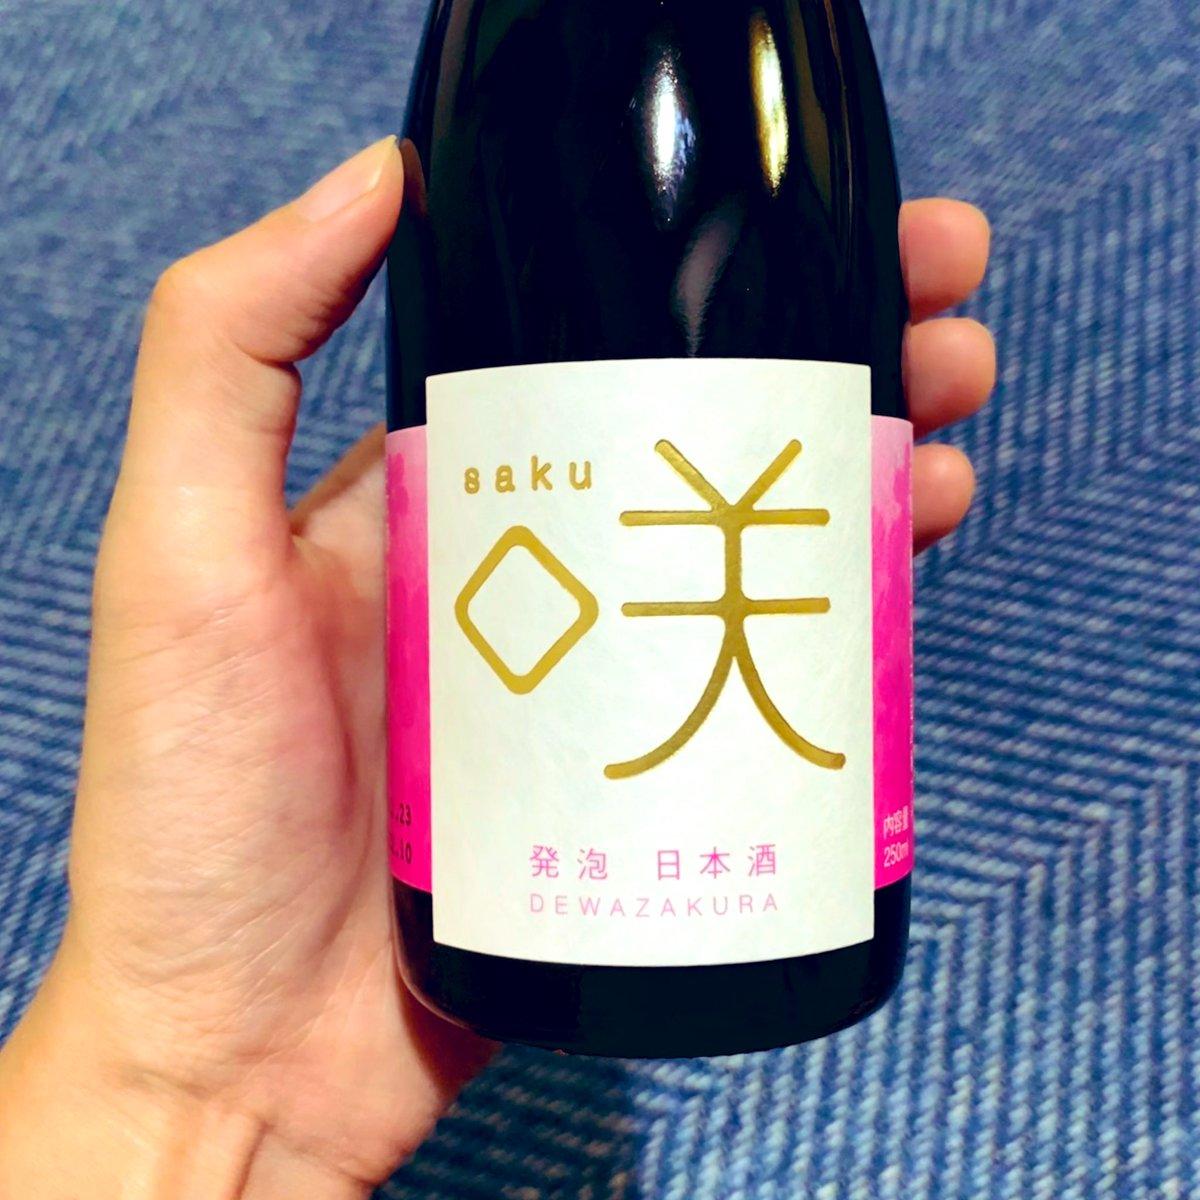 test ツイッターメディア - 夕飯のお供は出羽桜の「咲」。 スパークリング日本酒でとても飲みやすい。 見た目も可愛く、気分を晴れやかにしてくれる。 (ラベルはフェラーリを手掛けた山形出身の奥山清行氏デザイン) 低アルコールなので翌日仕事でも大丈夫。 明日も頑張れる気がしなくもなくもない。  #日本酒 #スパークリング https://t.co/k5HoUr7NQ0